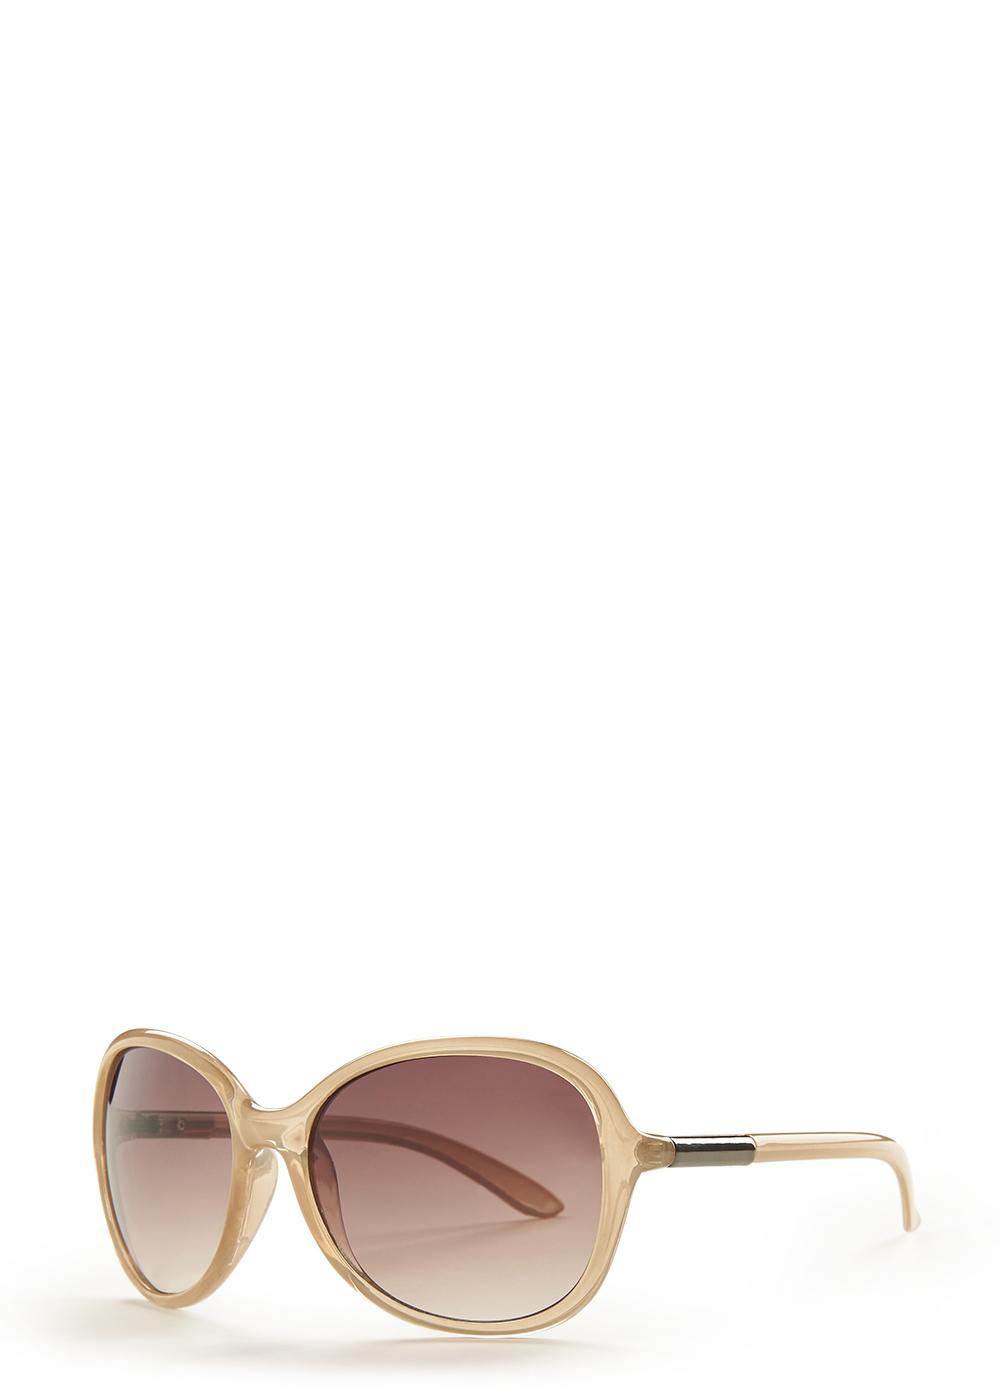 Womens Sunglasses | Aviator, retro, cat eye - Matalan